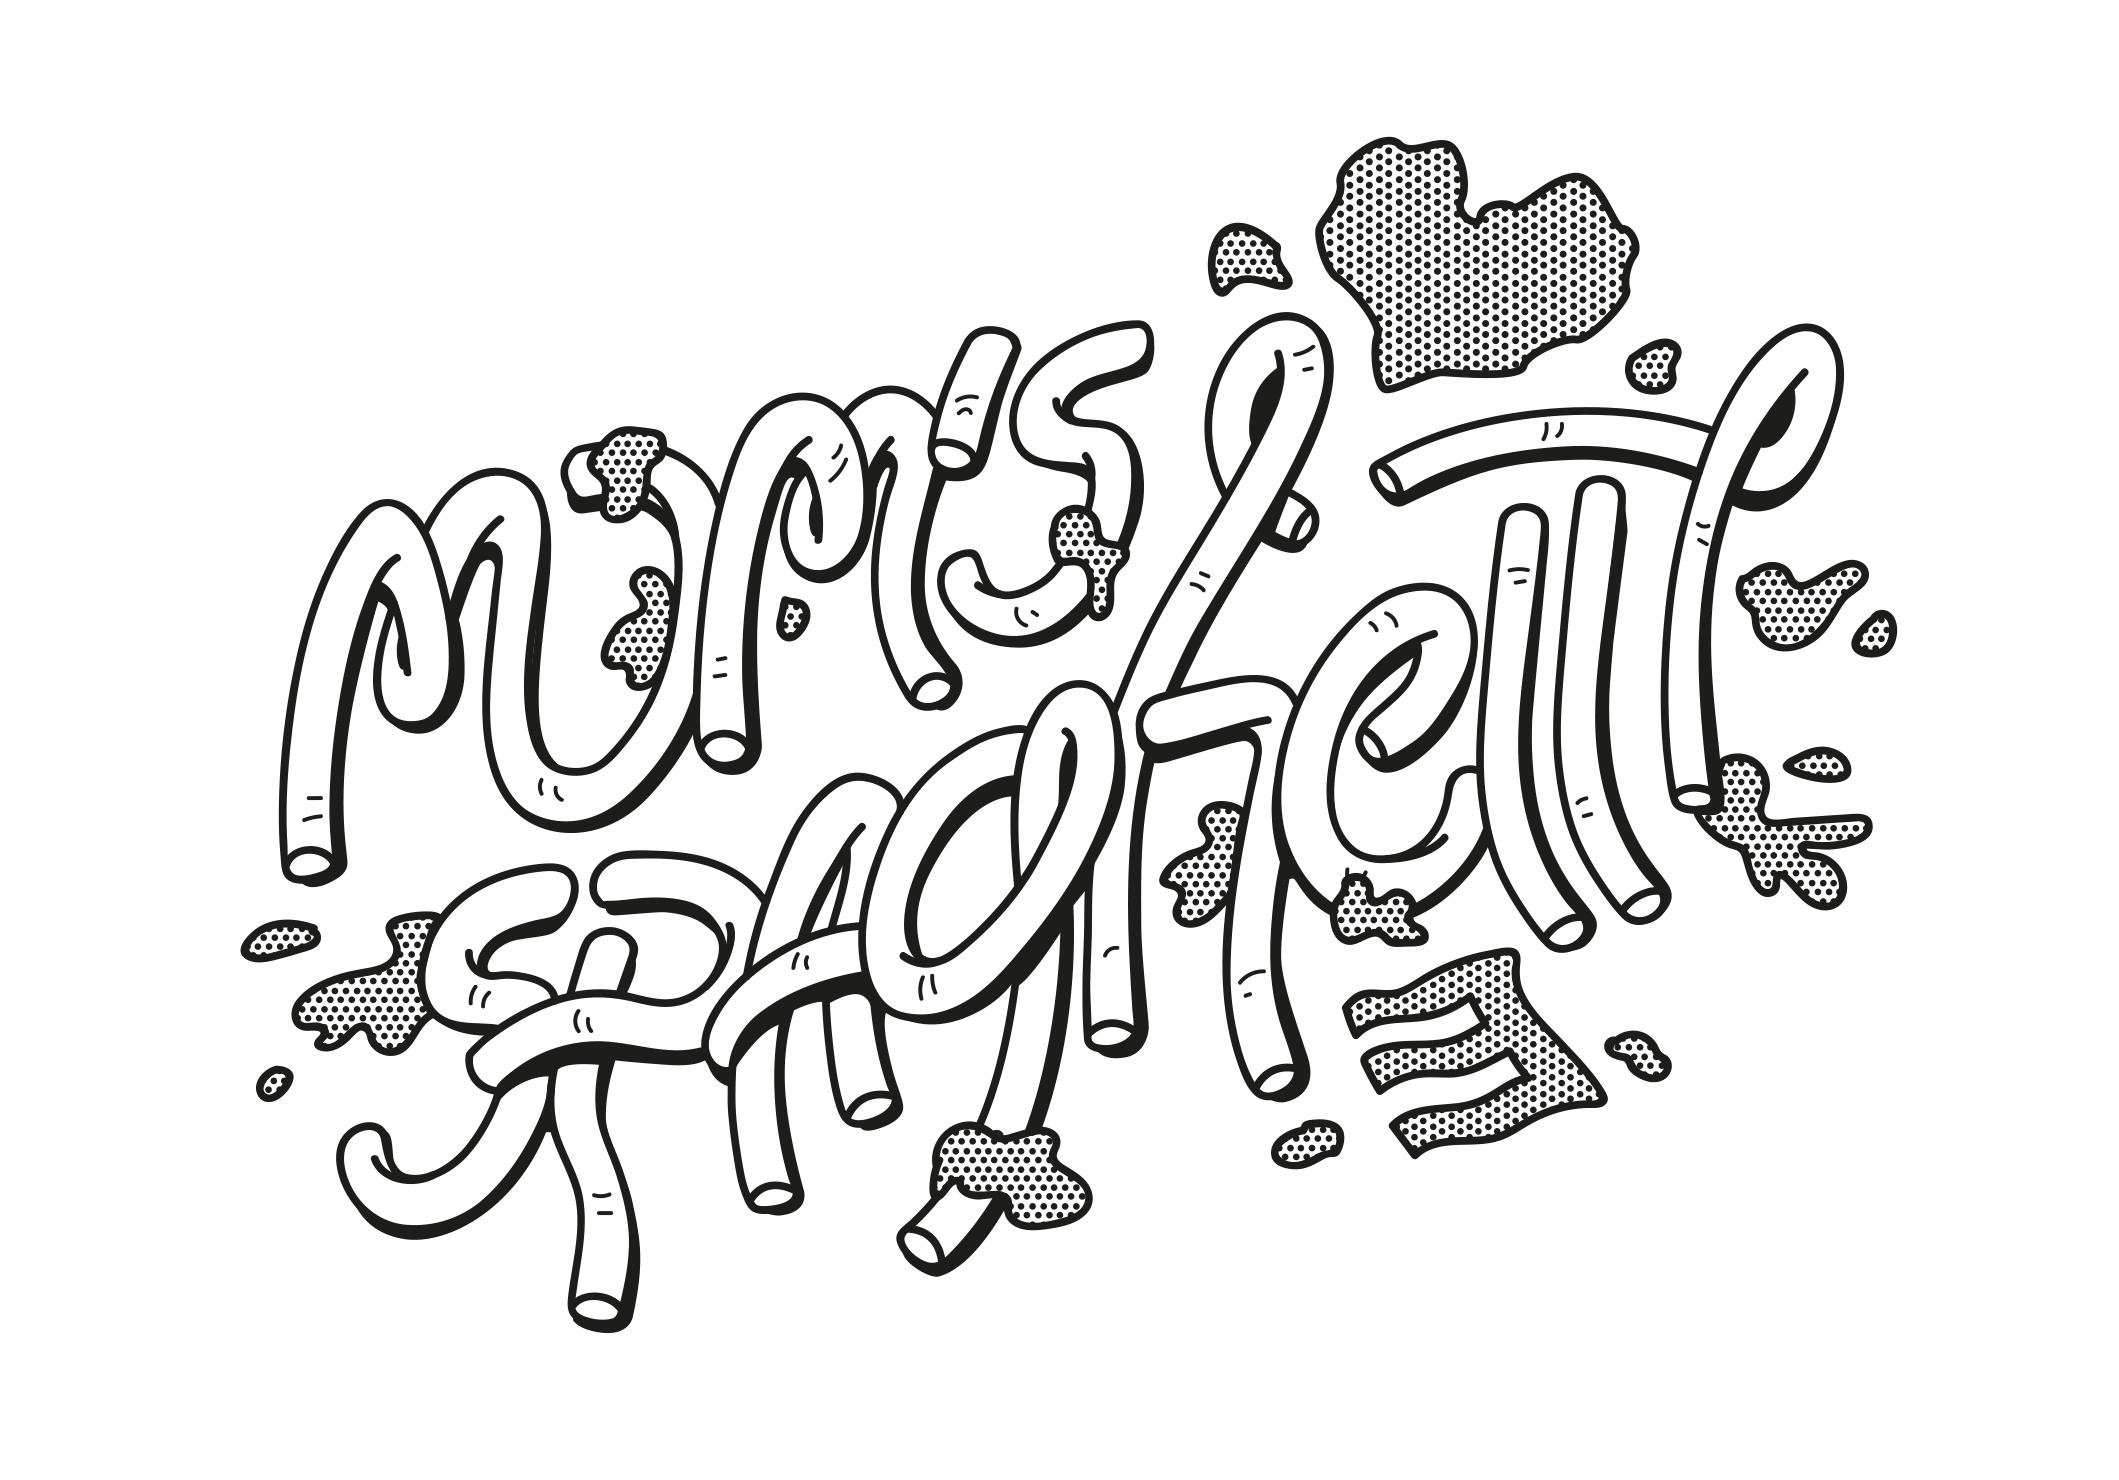 Moms_Spaghetti_1